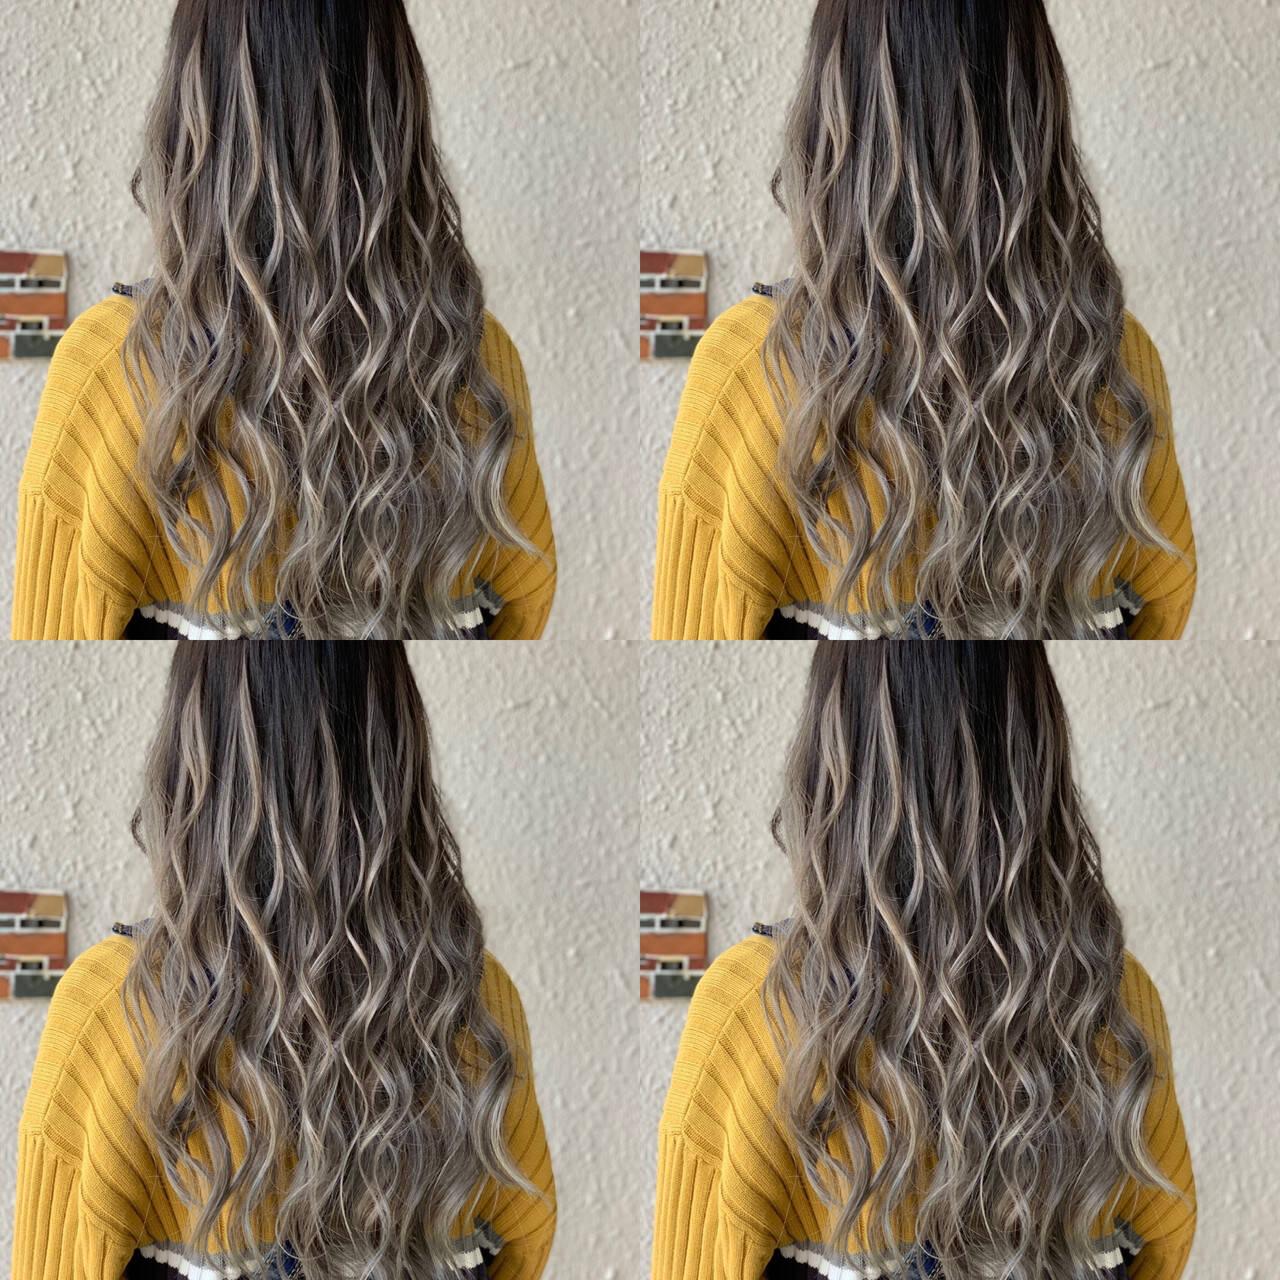 エクステ ロング グラデーションカラー 外国人風カラーヘアスタイルや髪型の写真・画像